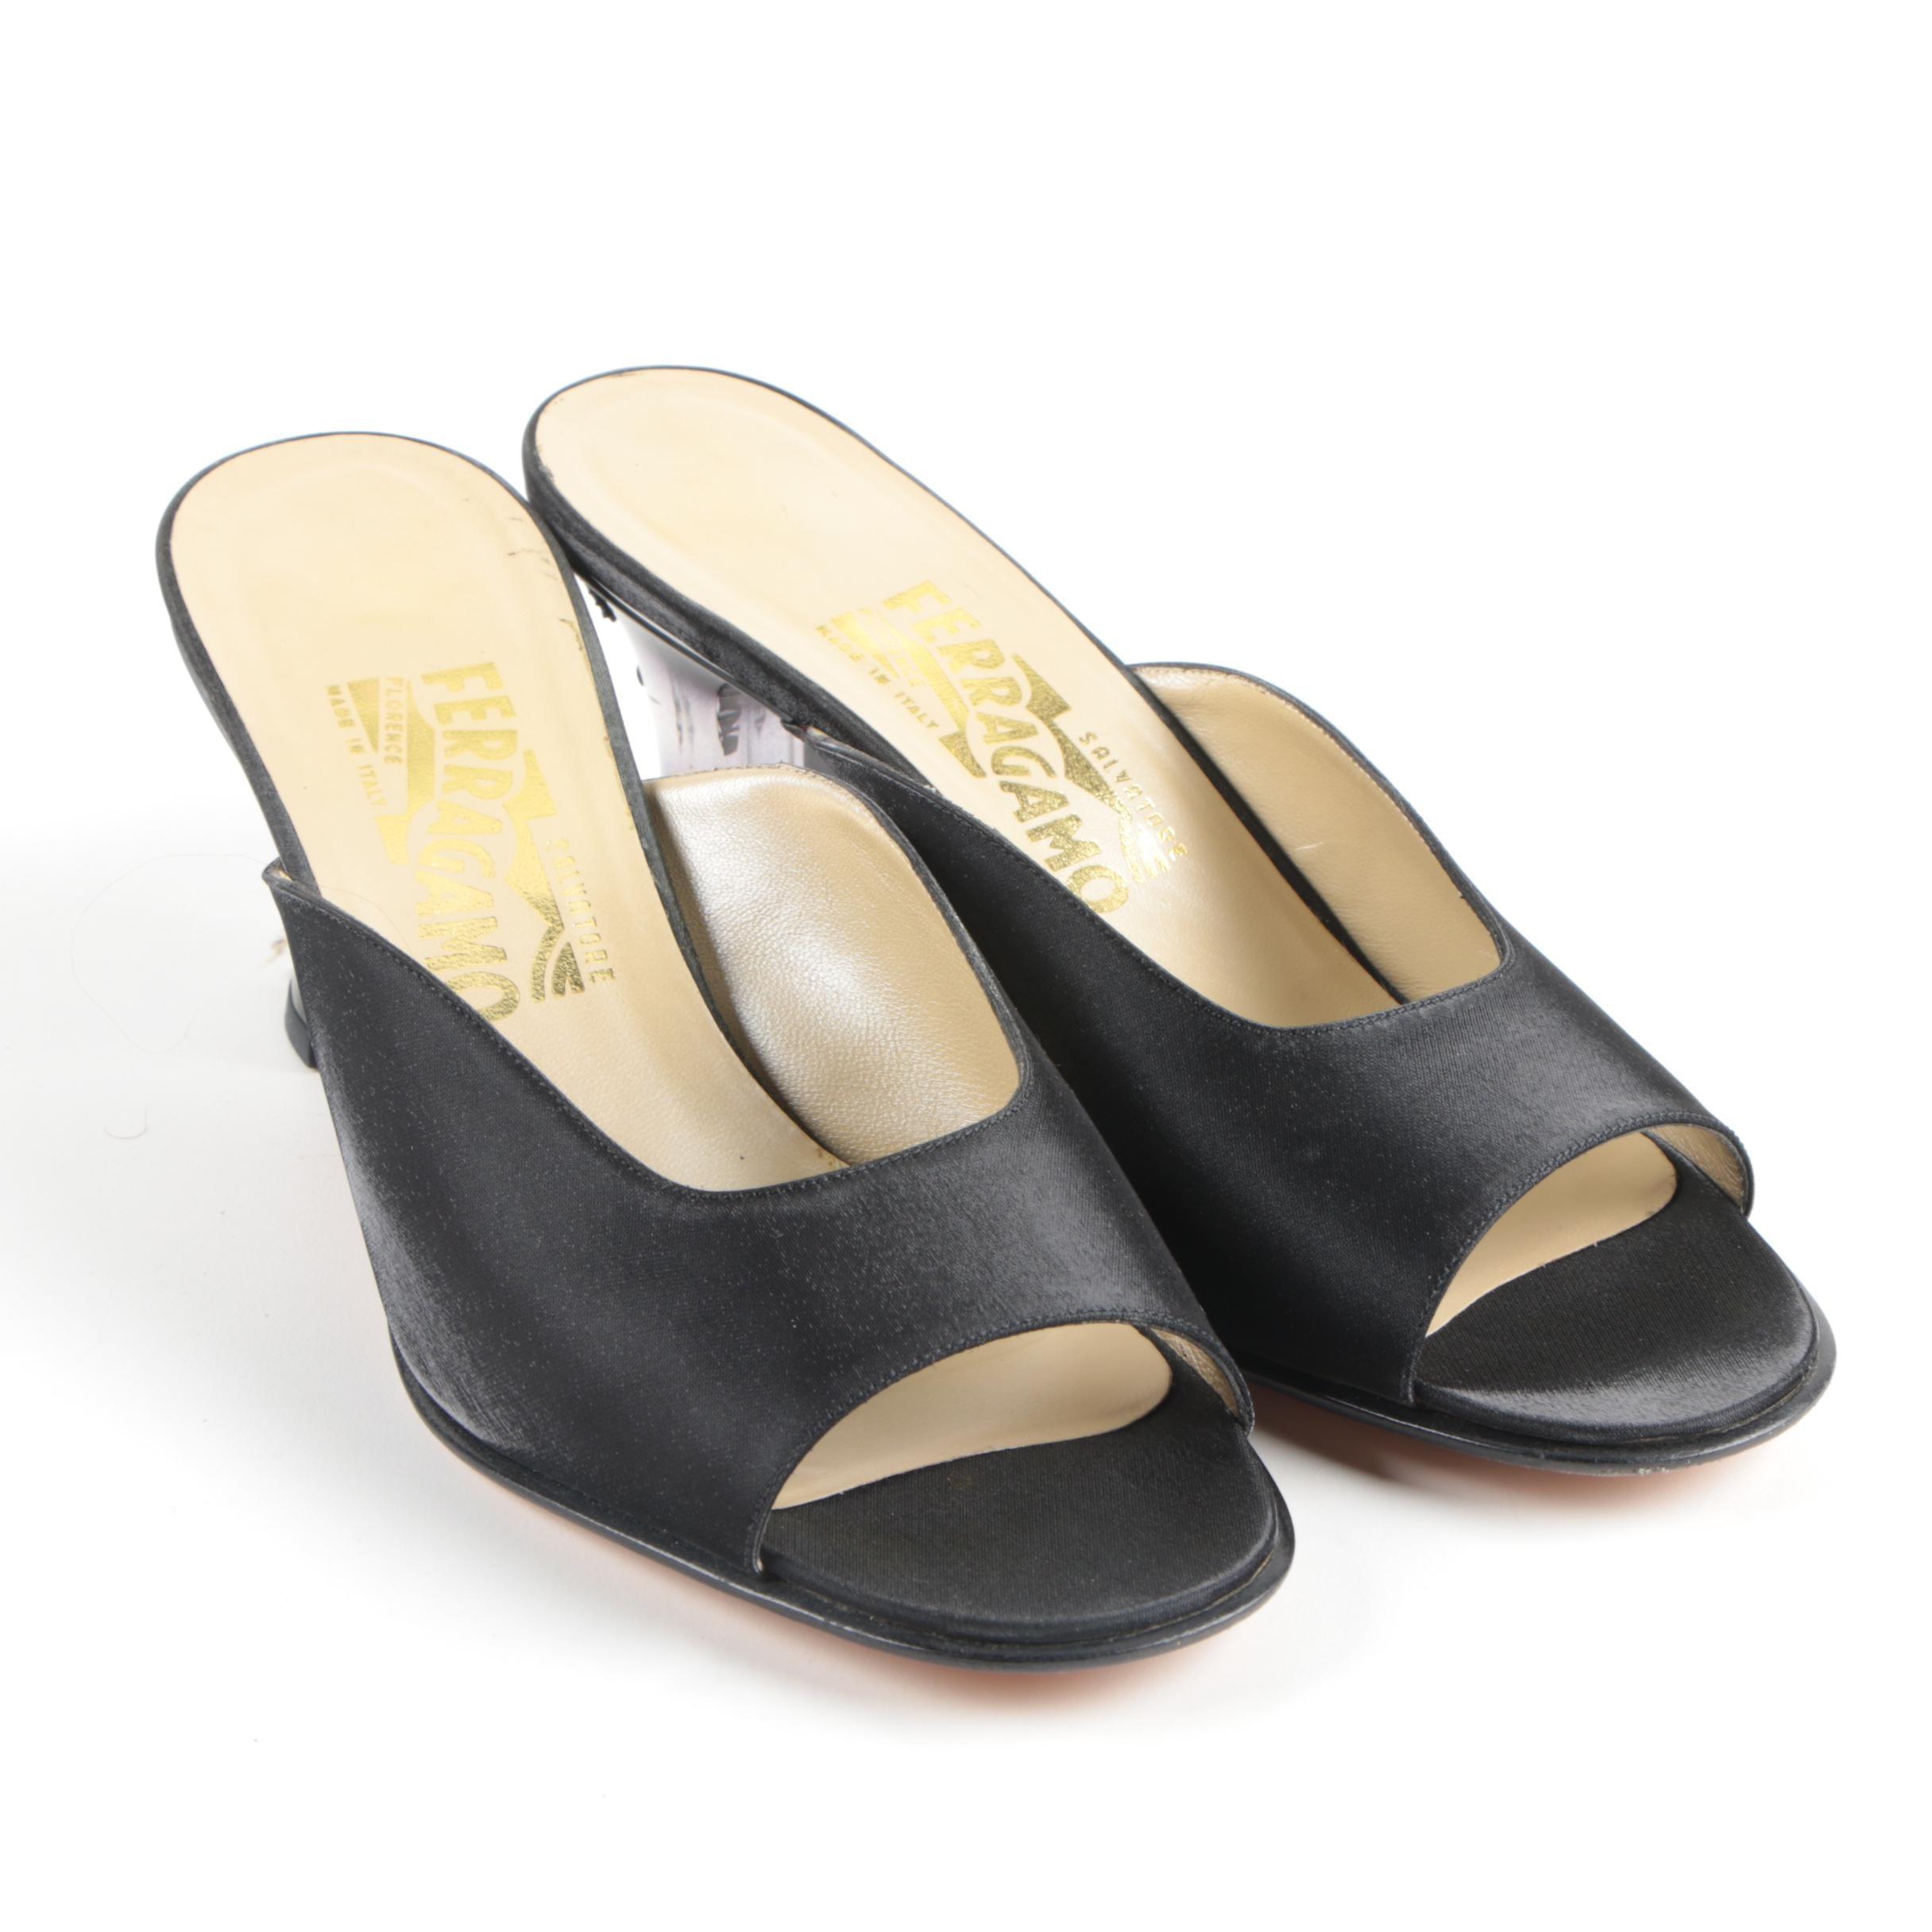 Salvatore Ferragamo Open Toe Black Slide Heels